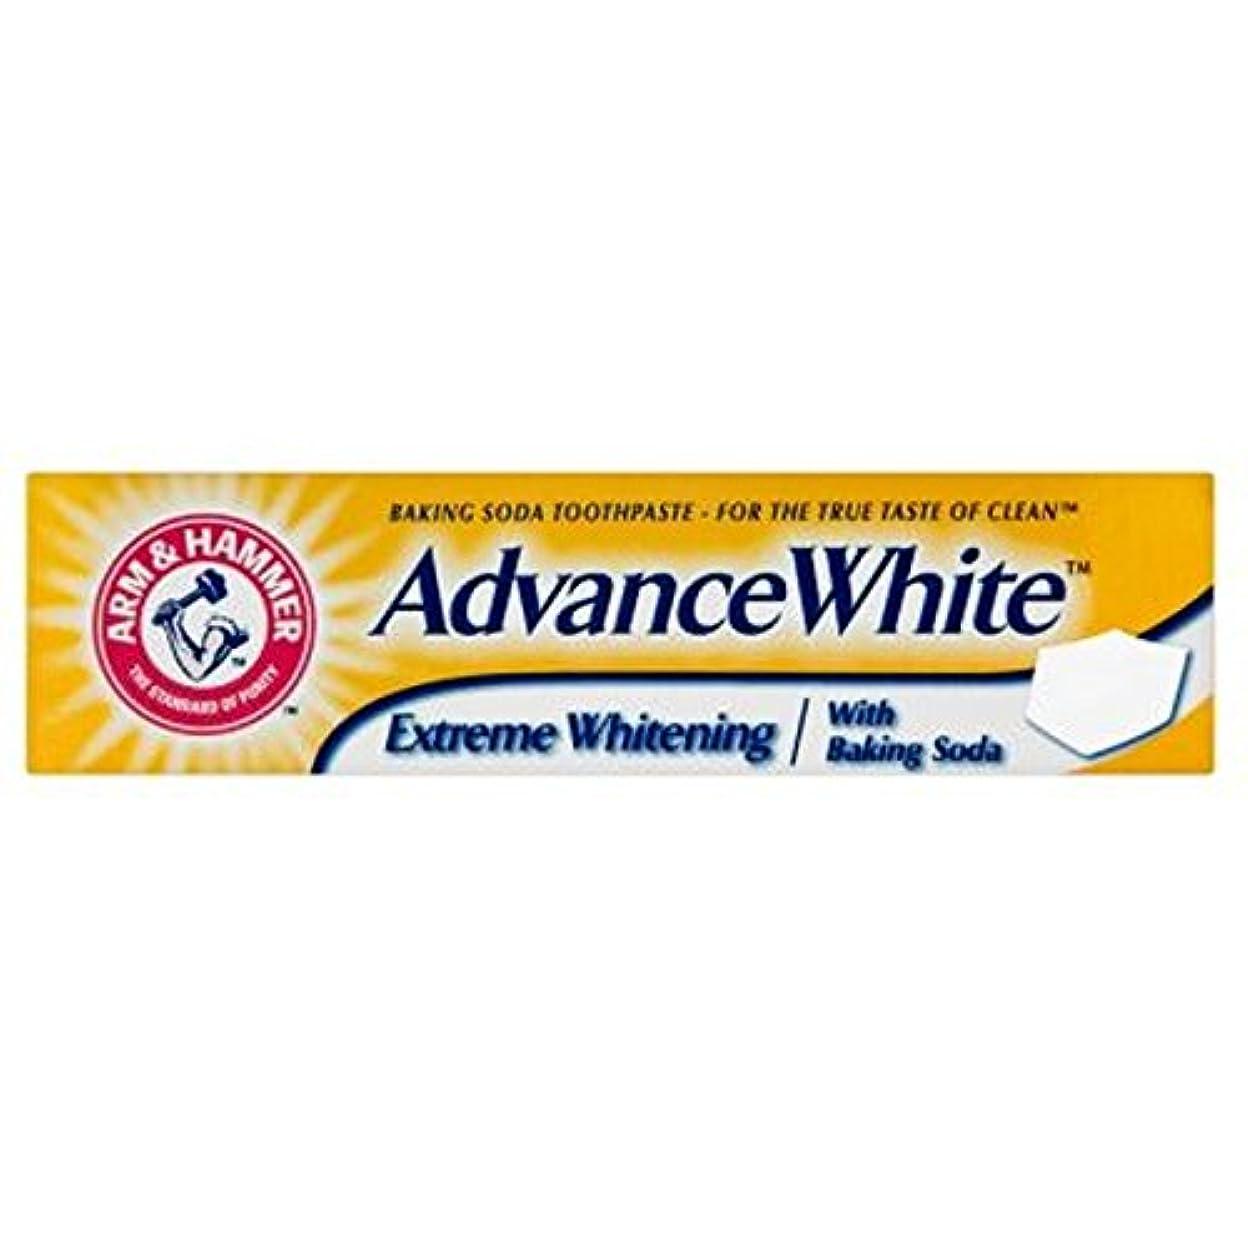 鼻西乞食重曹歯磨き粉75ミリリットルをホワイトニングアーム&ハンマー事前白極端 (Arm & Hammer) (x2) - Arm & Hammer Advance White Extreme Whitening Baking Soda Toothpaste 75ml (Pack of 2) [並行輸入品]